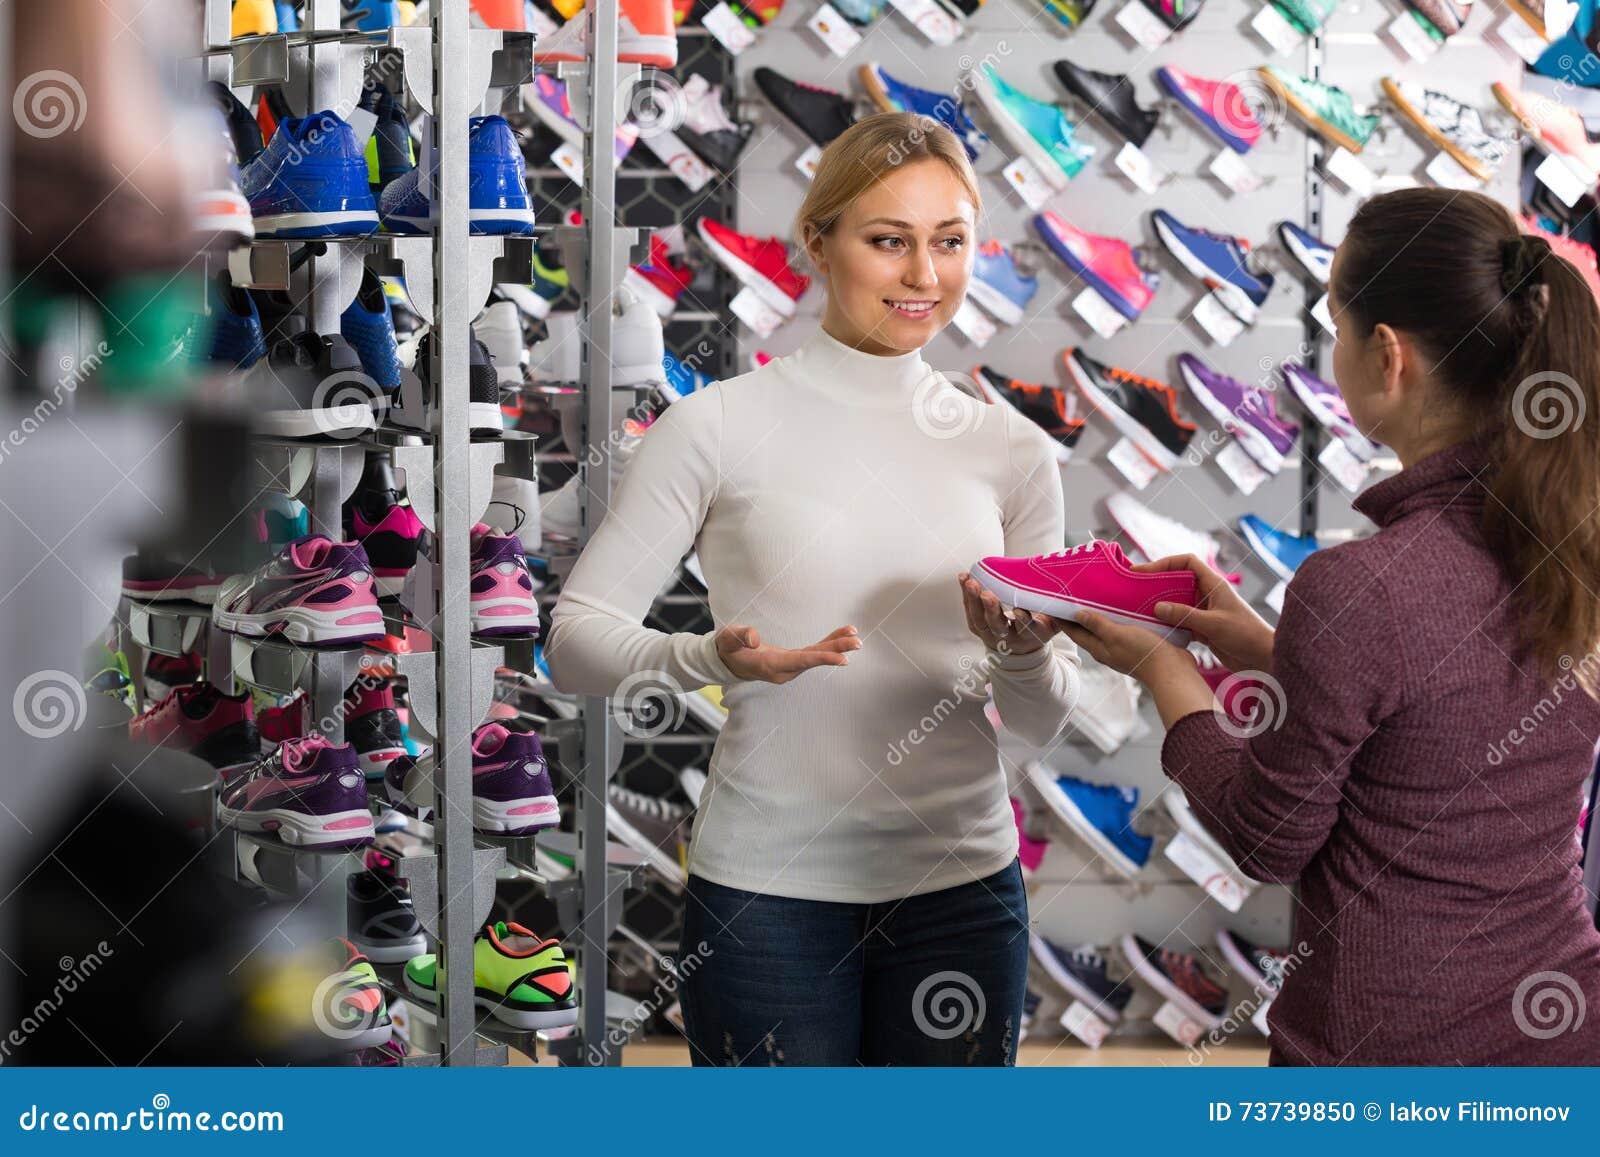 052e398aa603ac Jeune vendeur féminin gai montrant un assortiment de chaussures dans le  magasin